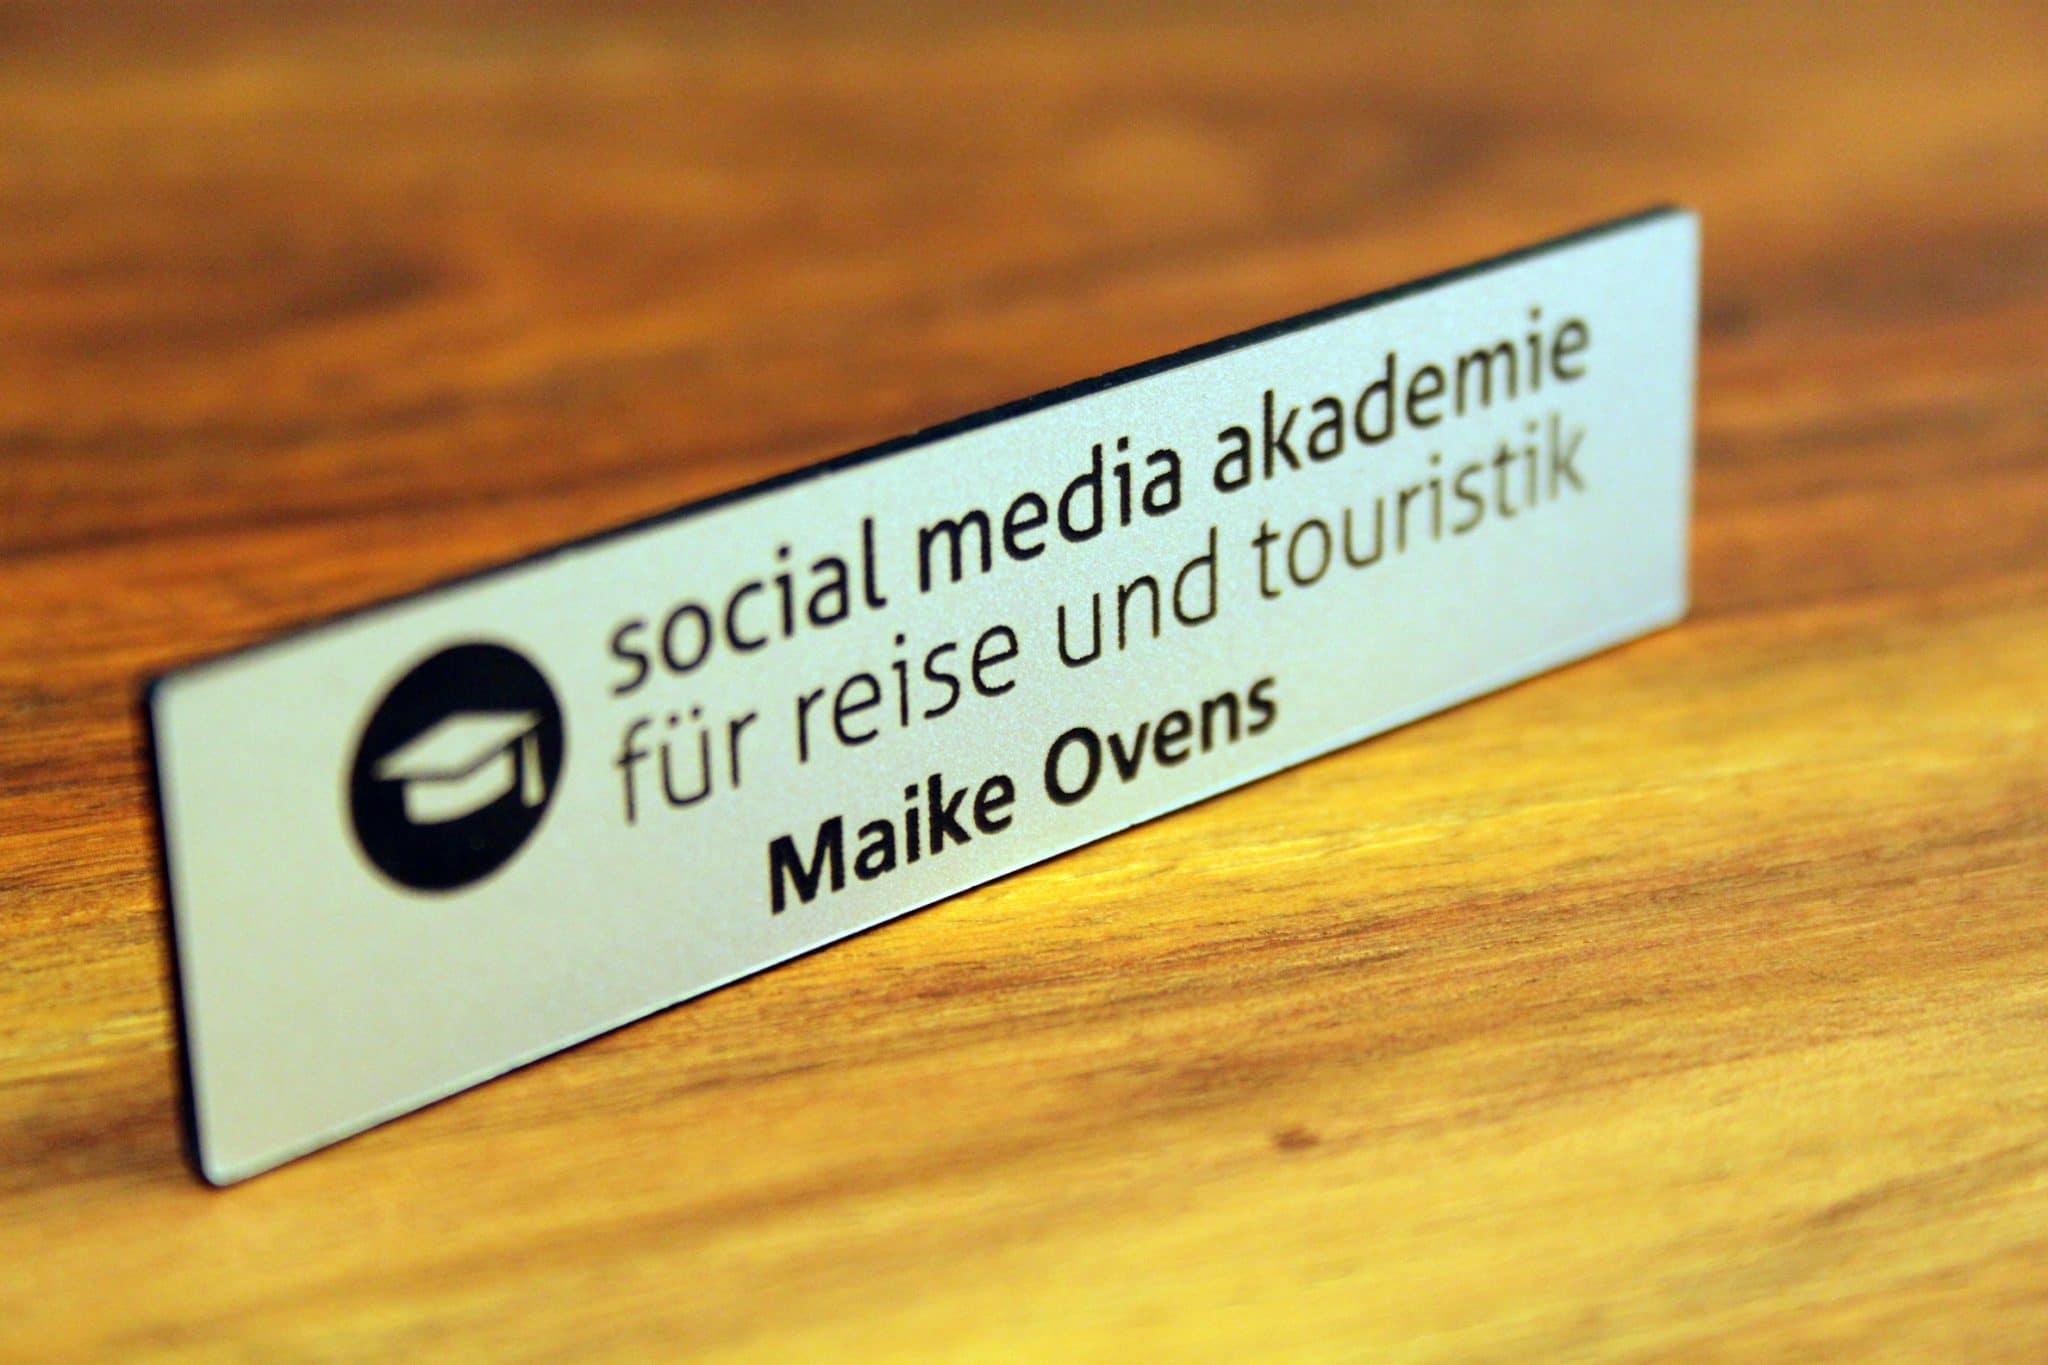 Neues Projekt: Die social media akademie für reise und touristik